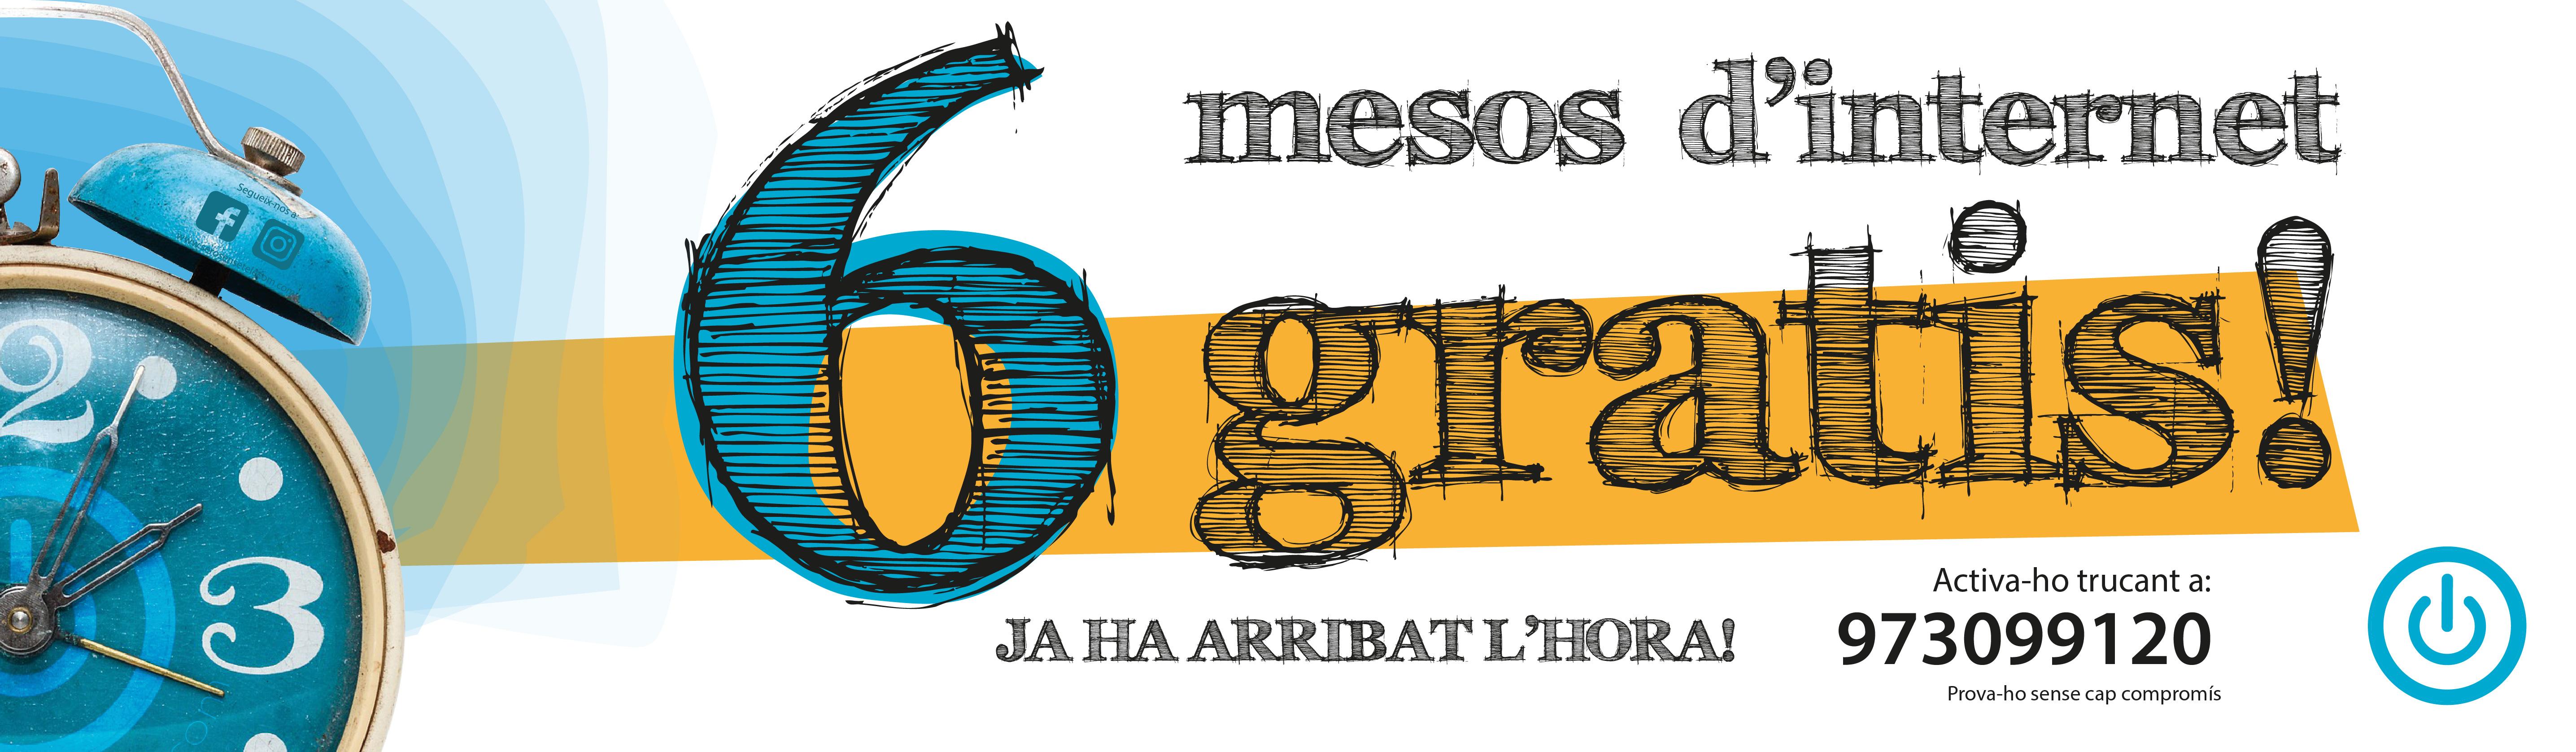 oferta_6_mesos_grstis_serosense_2021_WEB